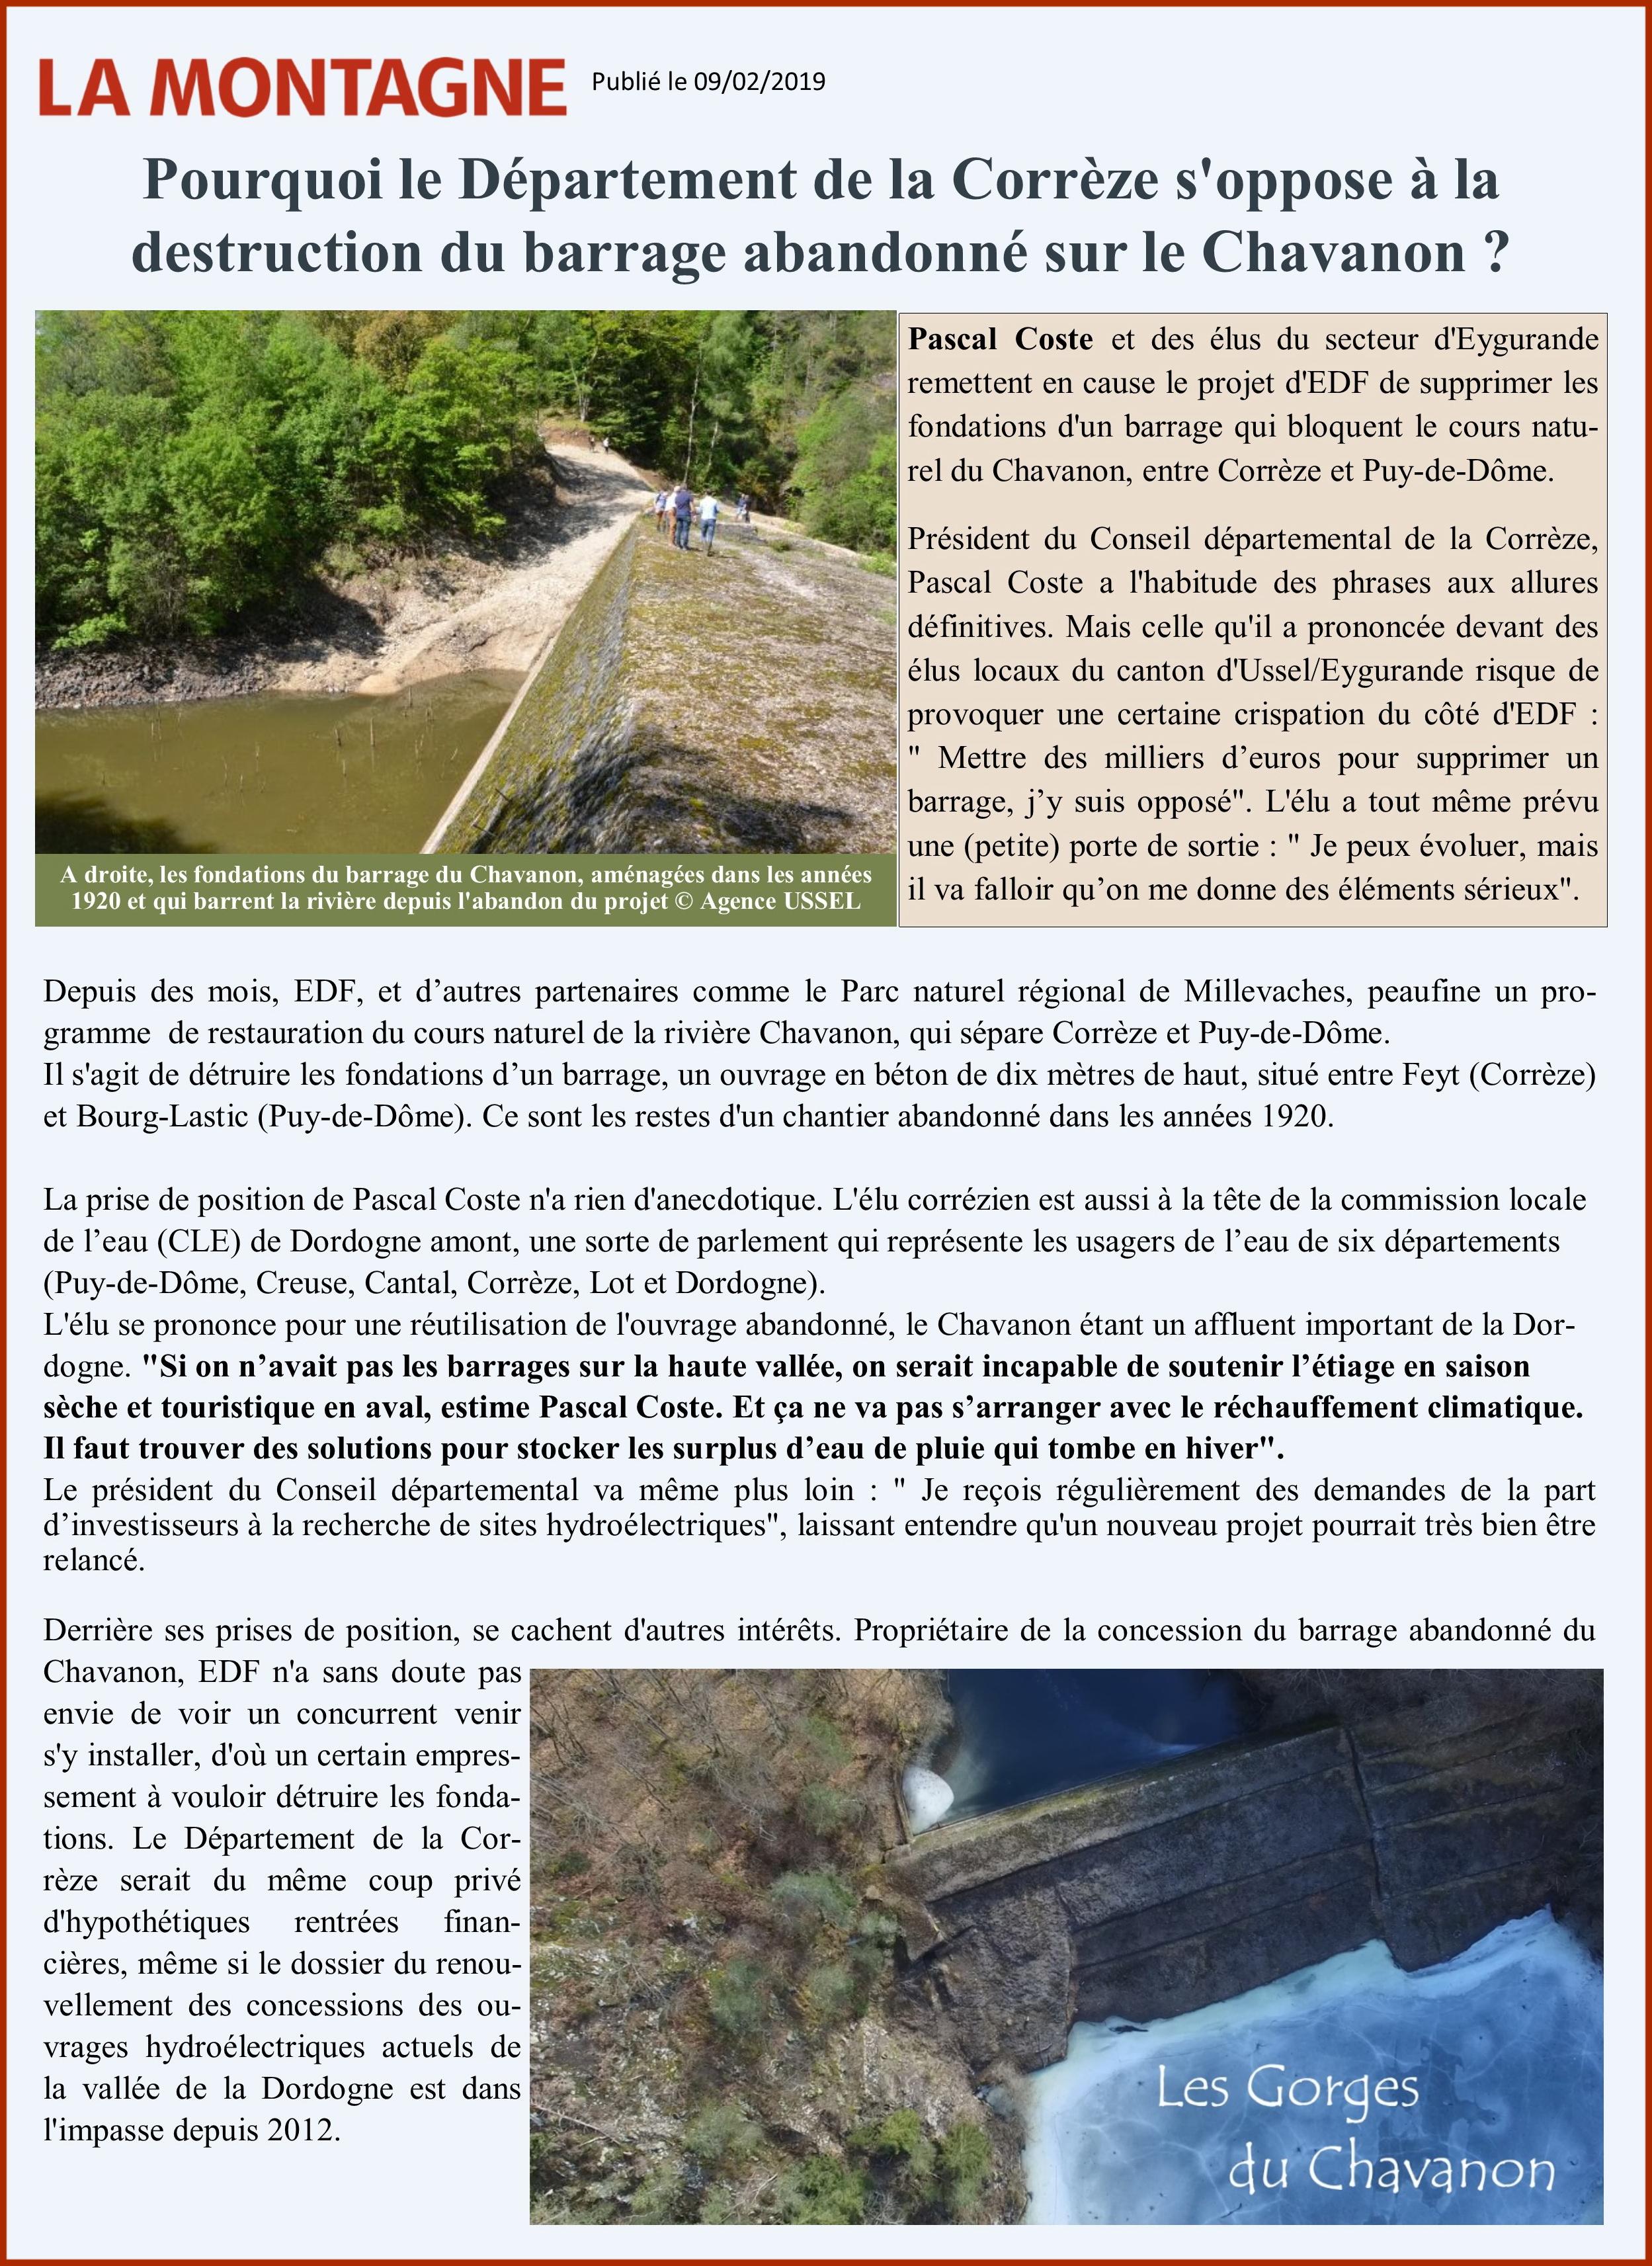 Barrage de Chavanon en Corrèze